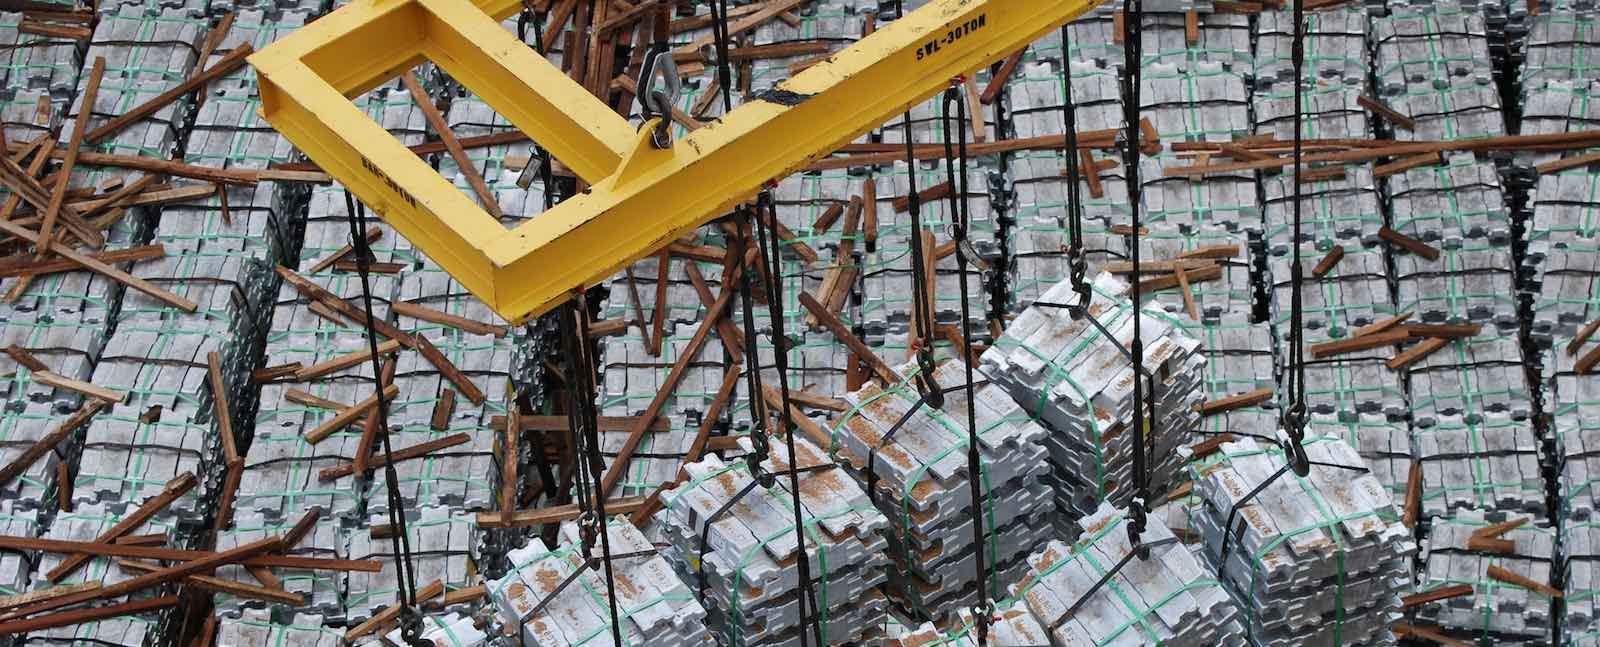 احتمال برداشتهشدن تعرفههای مالیات بر واردات آلومینیوم به اروپا